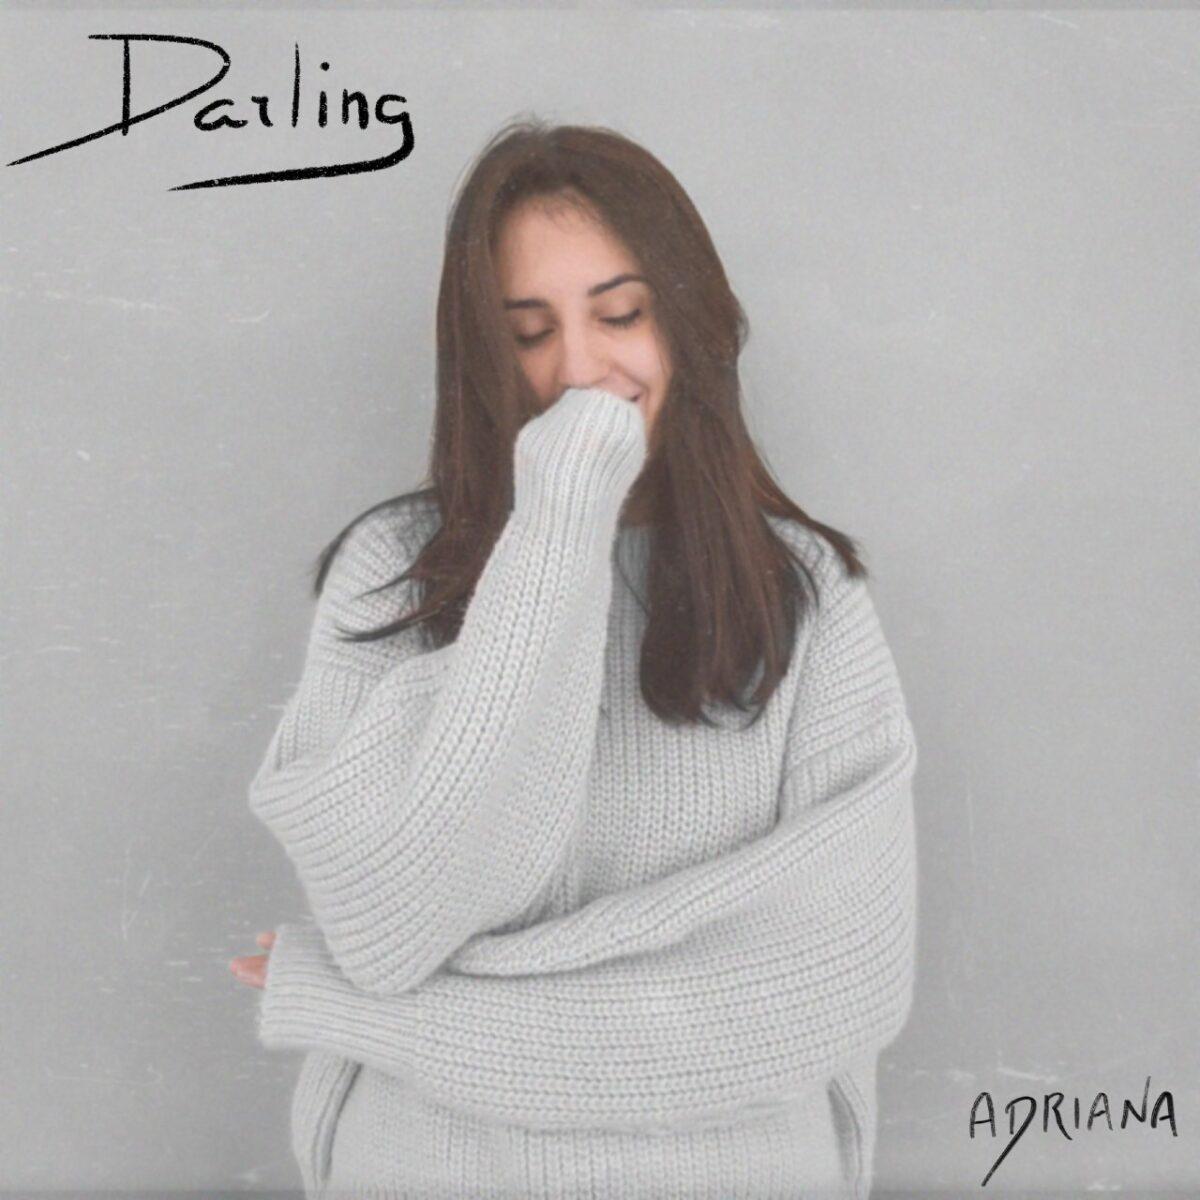 Adriana - Darling